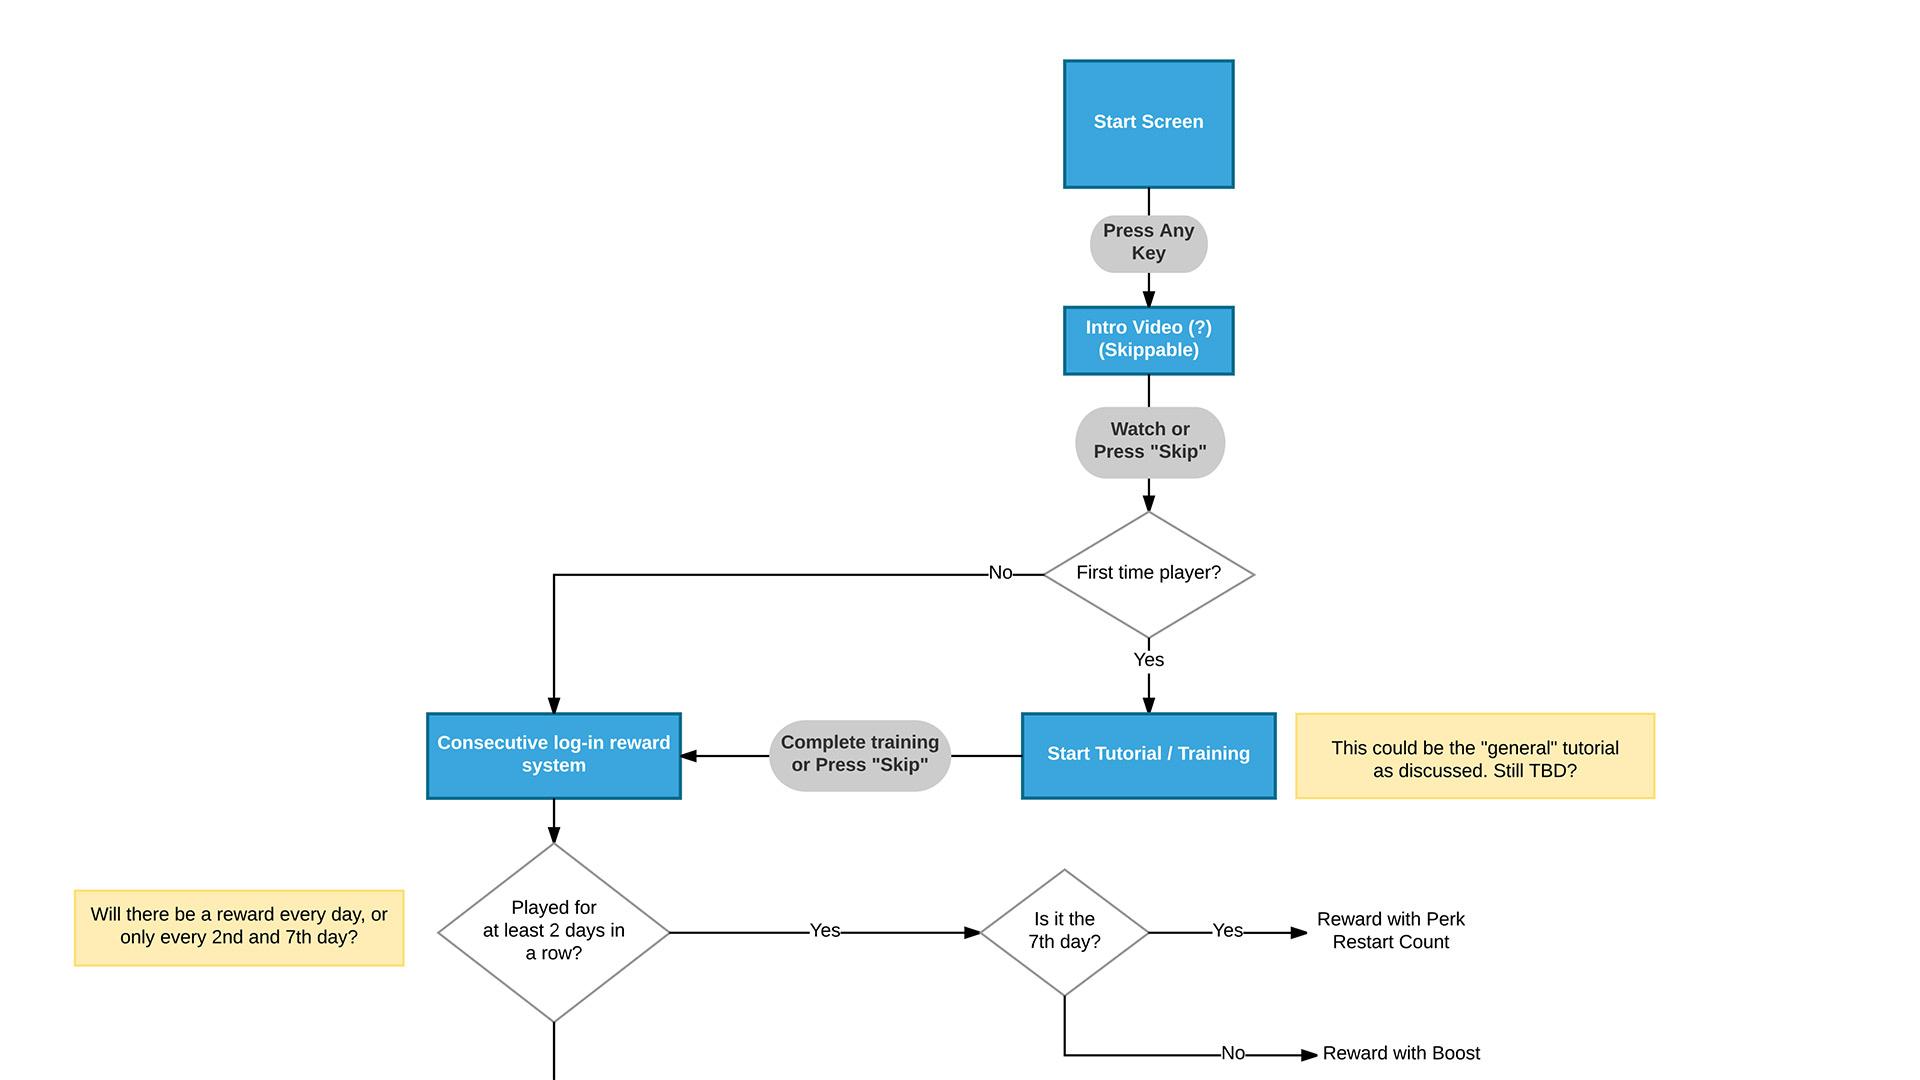 Flow Diagrams for Laser League